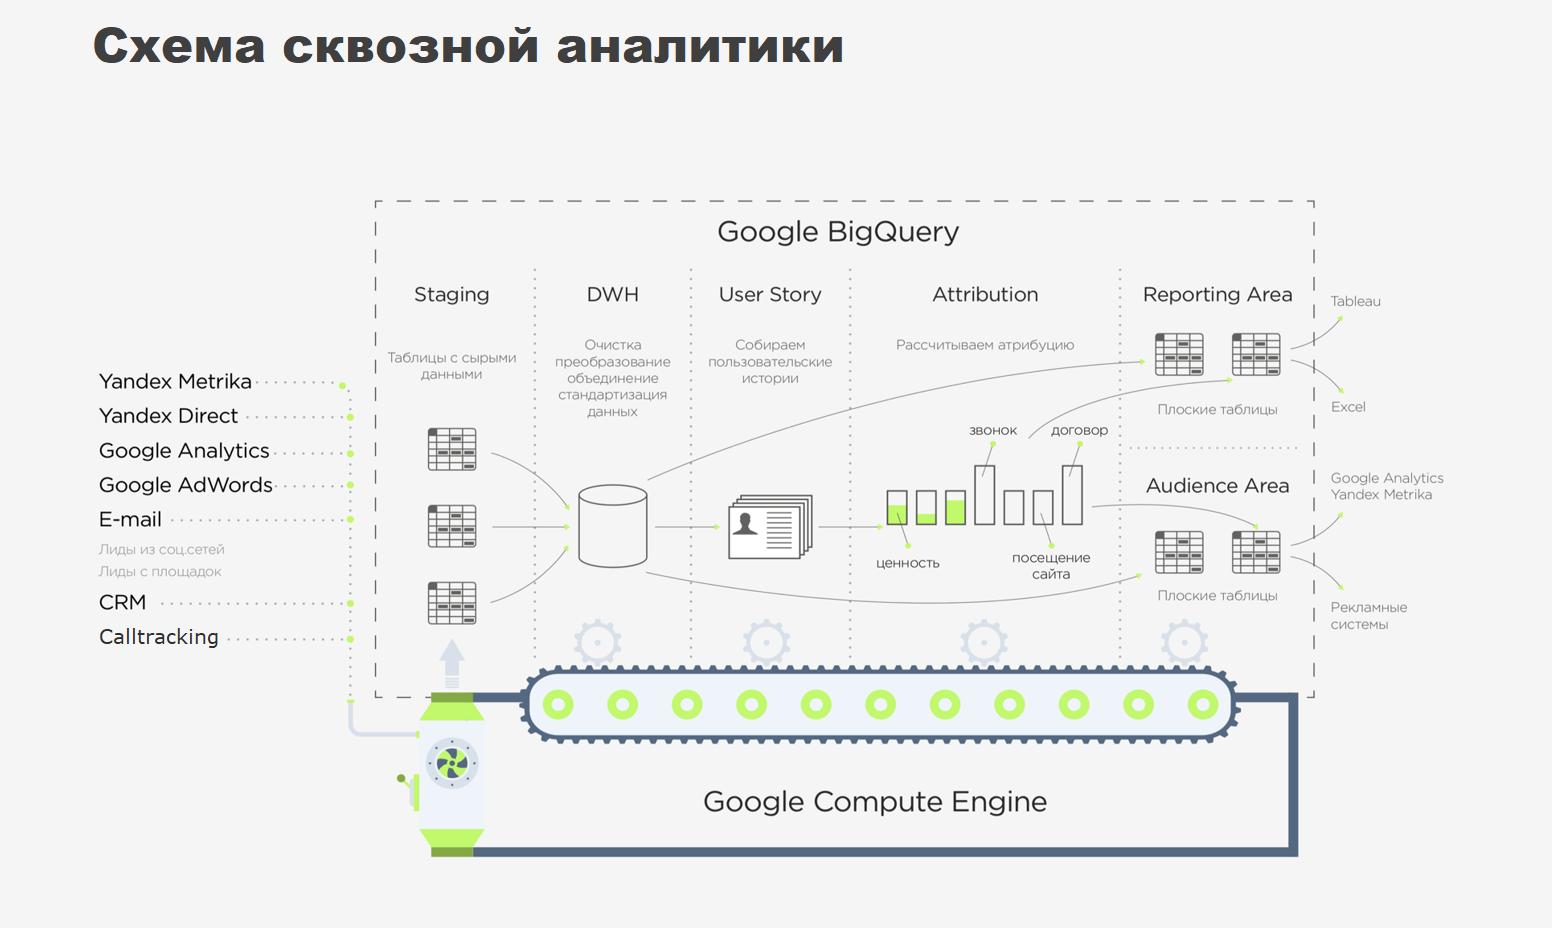 Как построить систему сквозной аналитики на облачной инфраструктуре Google